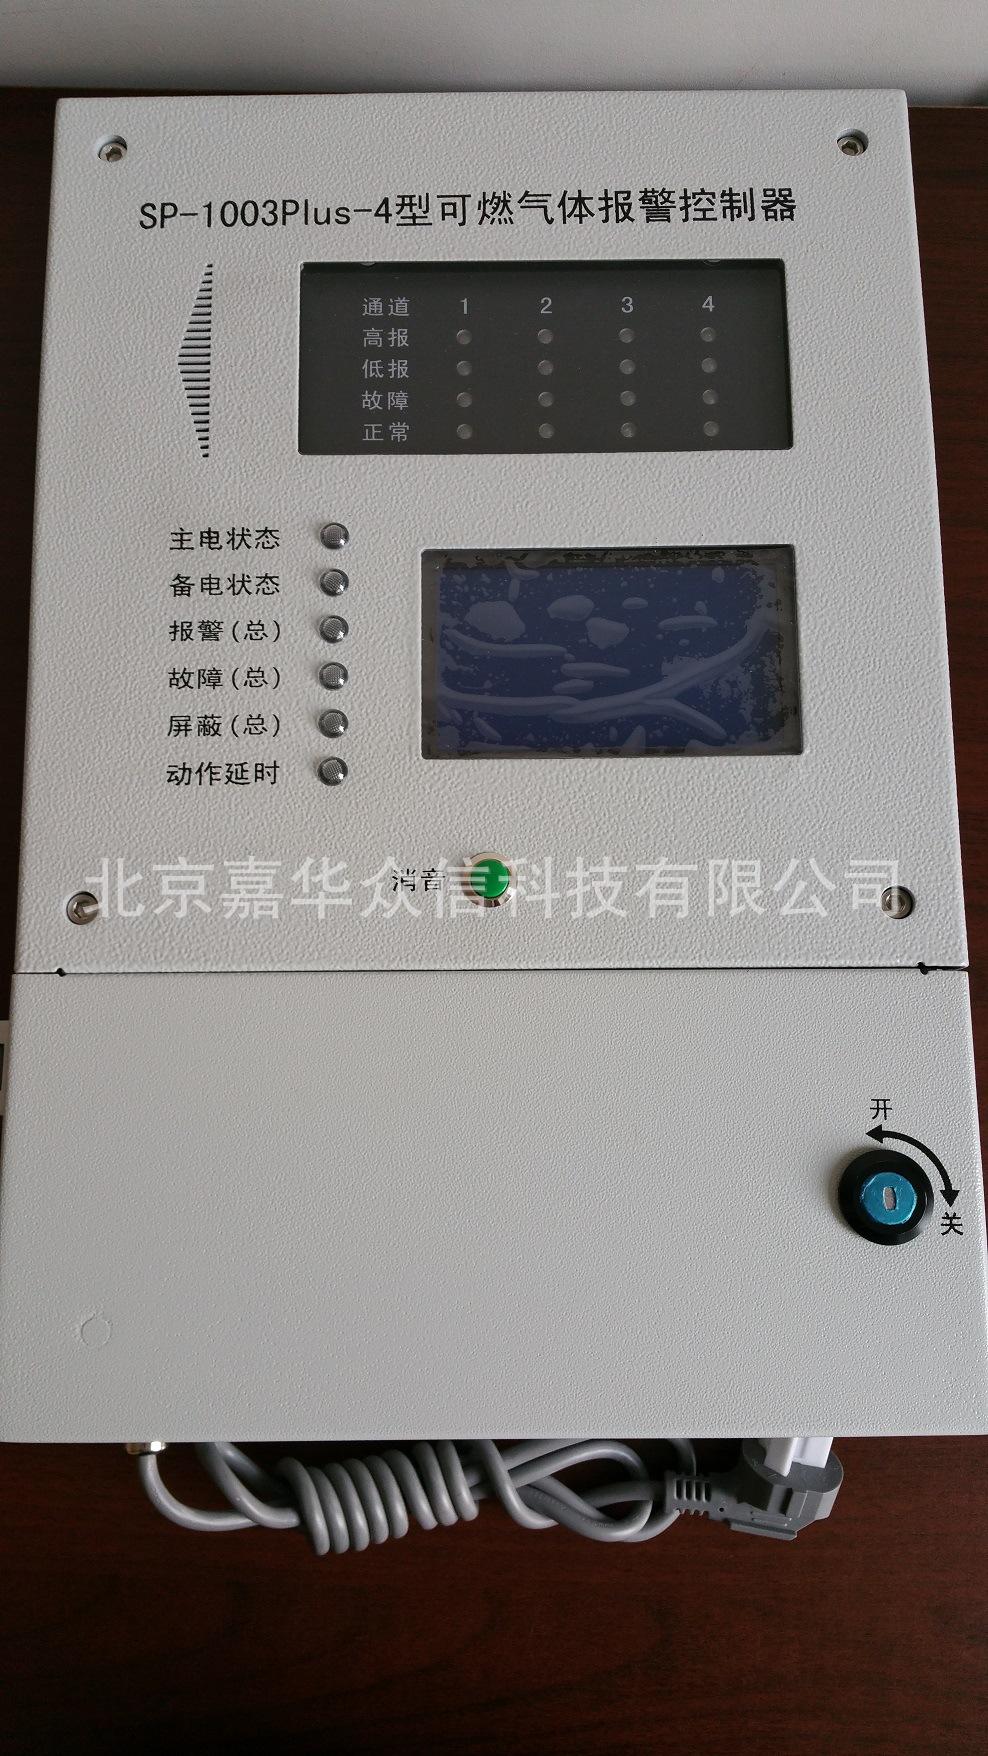 美国华瑞SP-1003Plus-4壁挂式可燃气体报警控制器